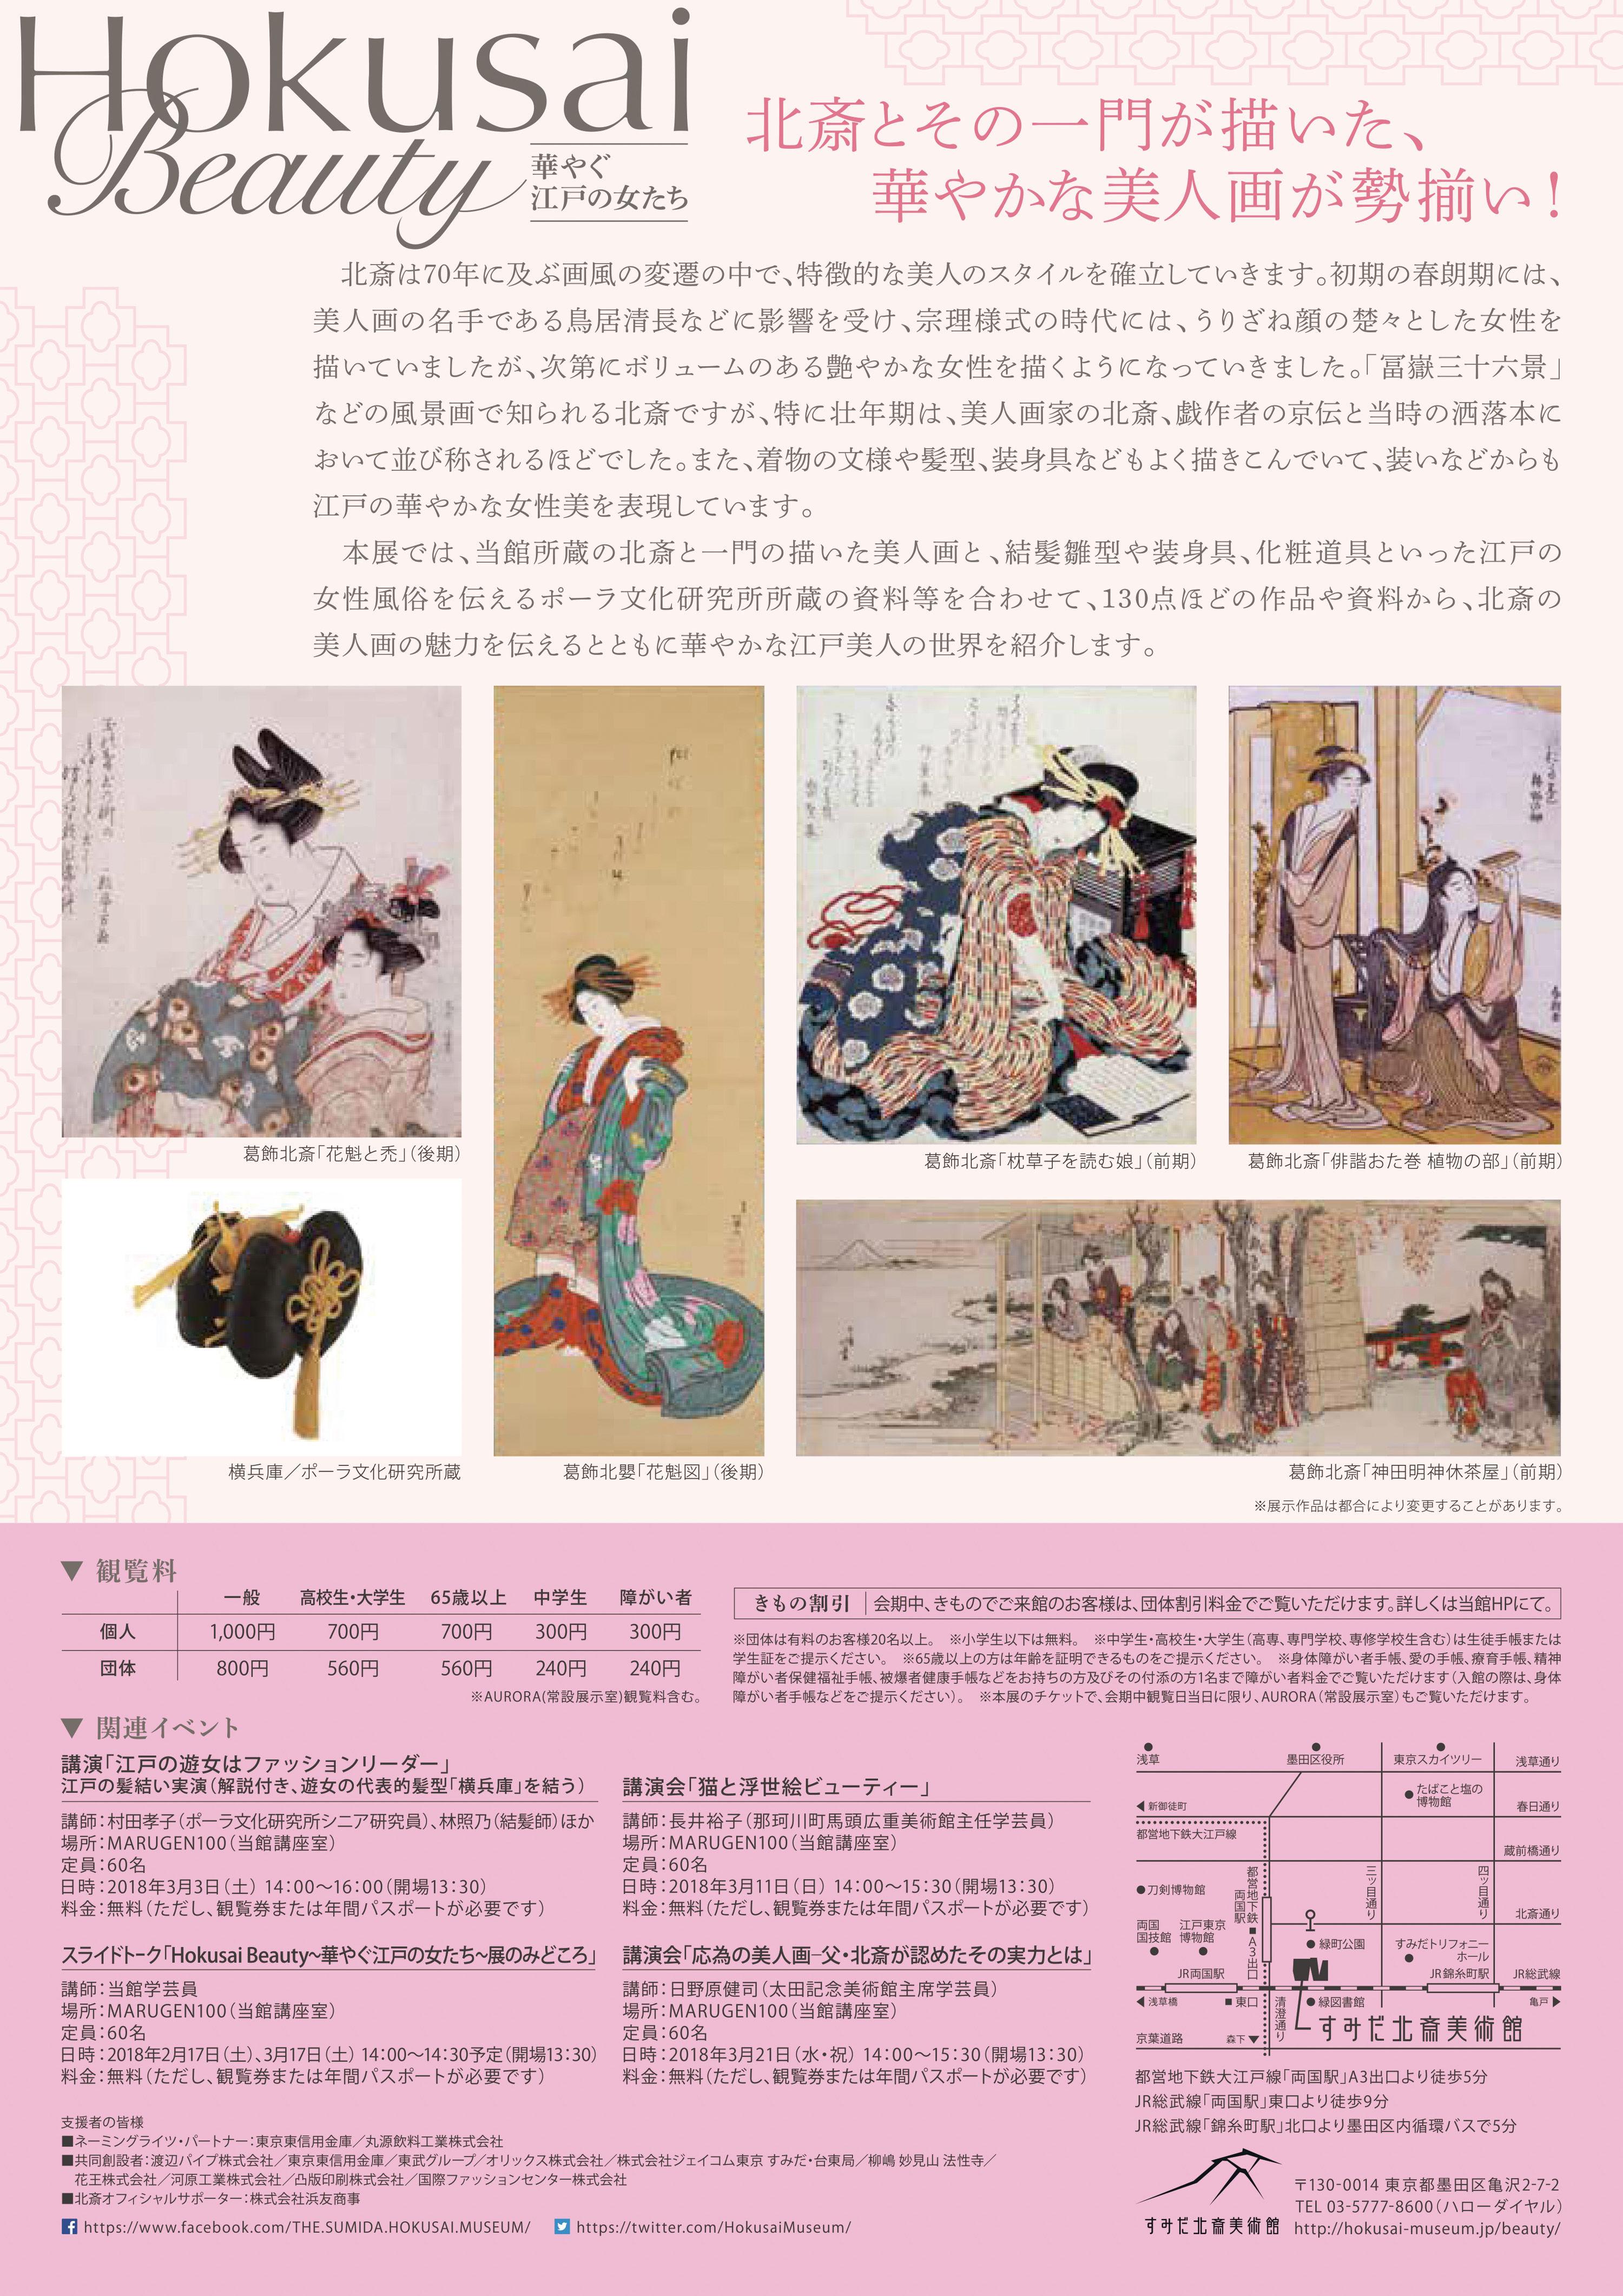 江戸時代の流行を葛飾北斎の美人画から探る企画展が開催